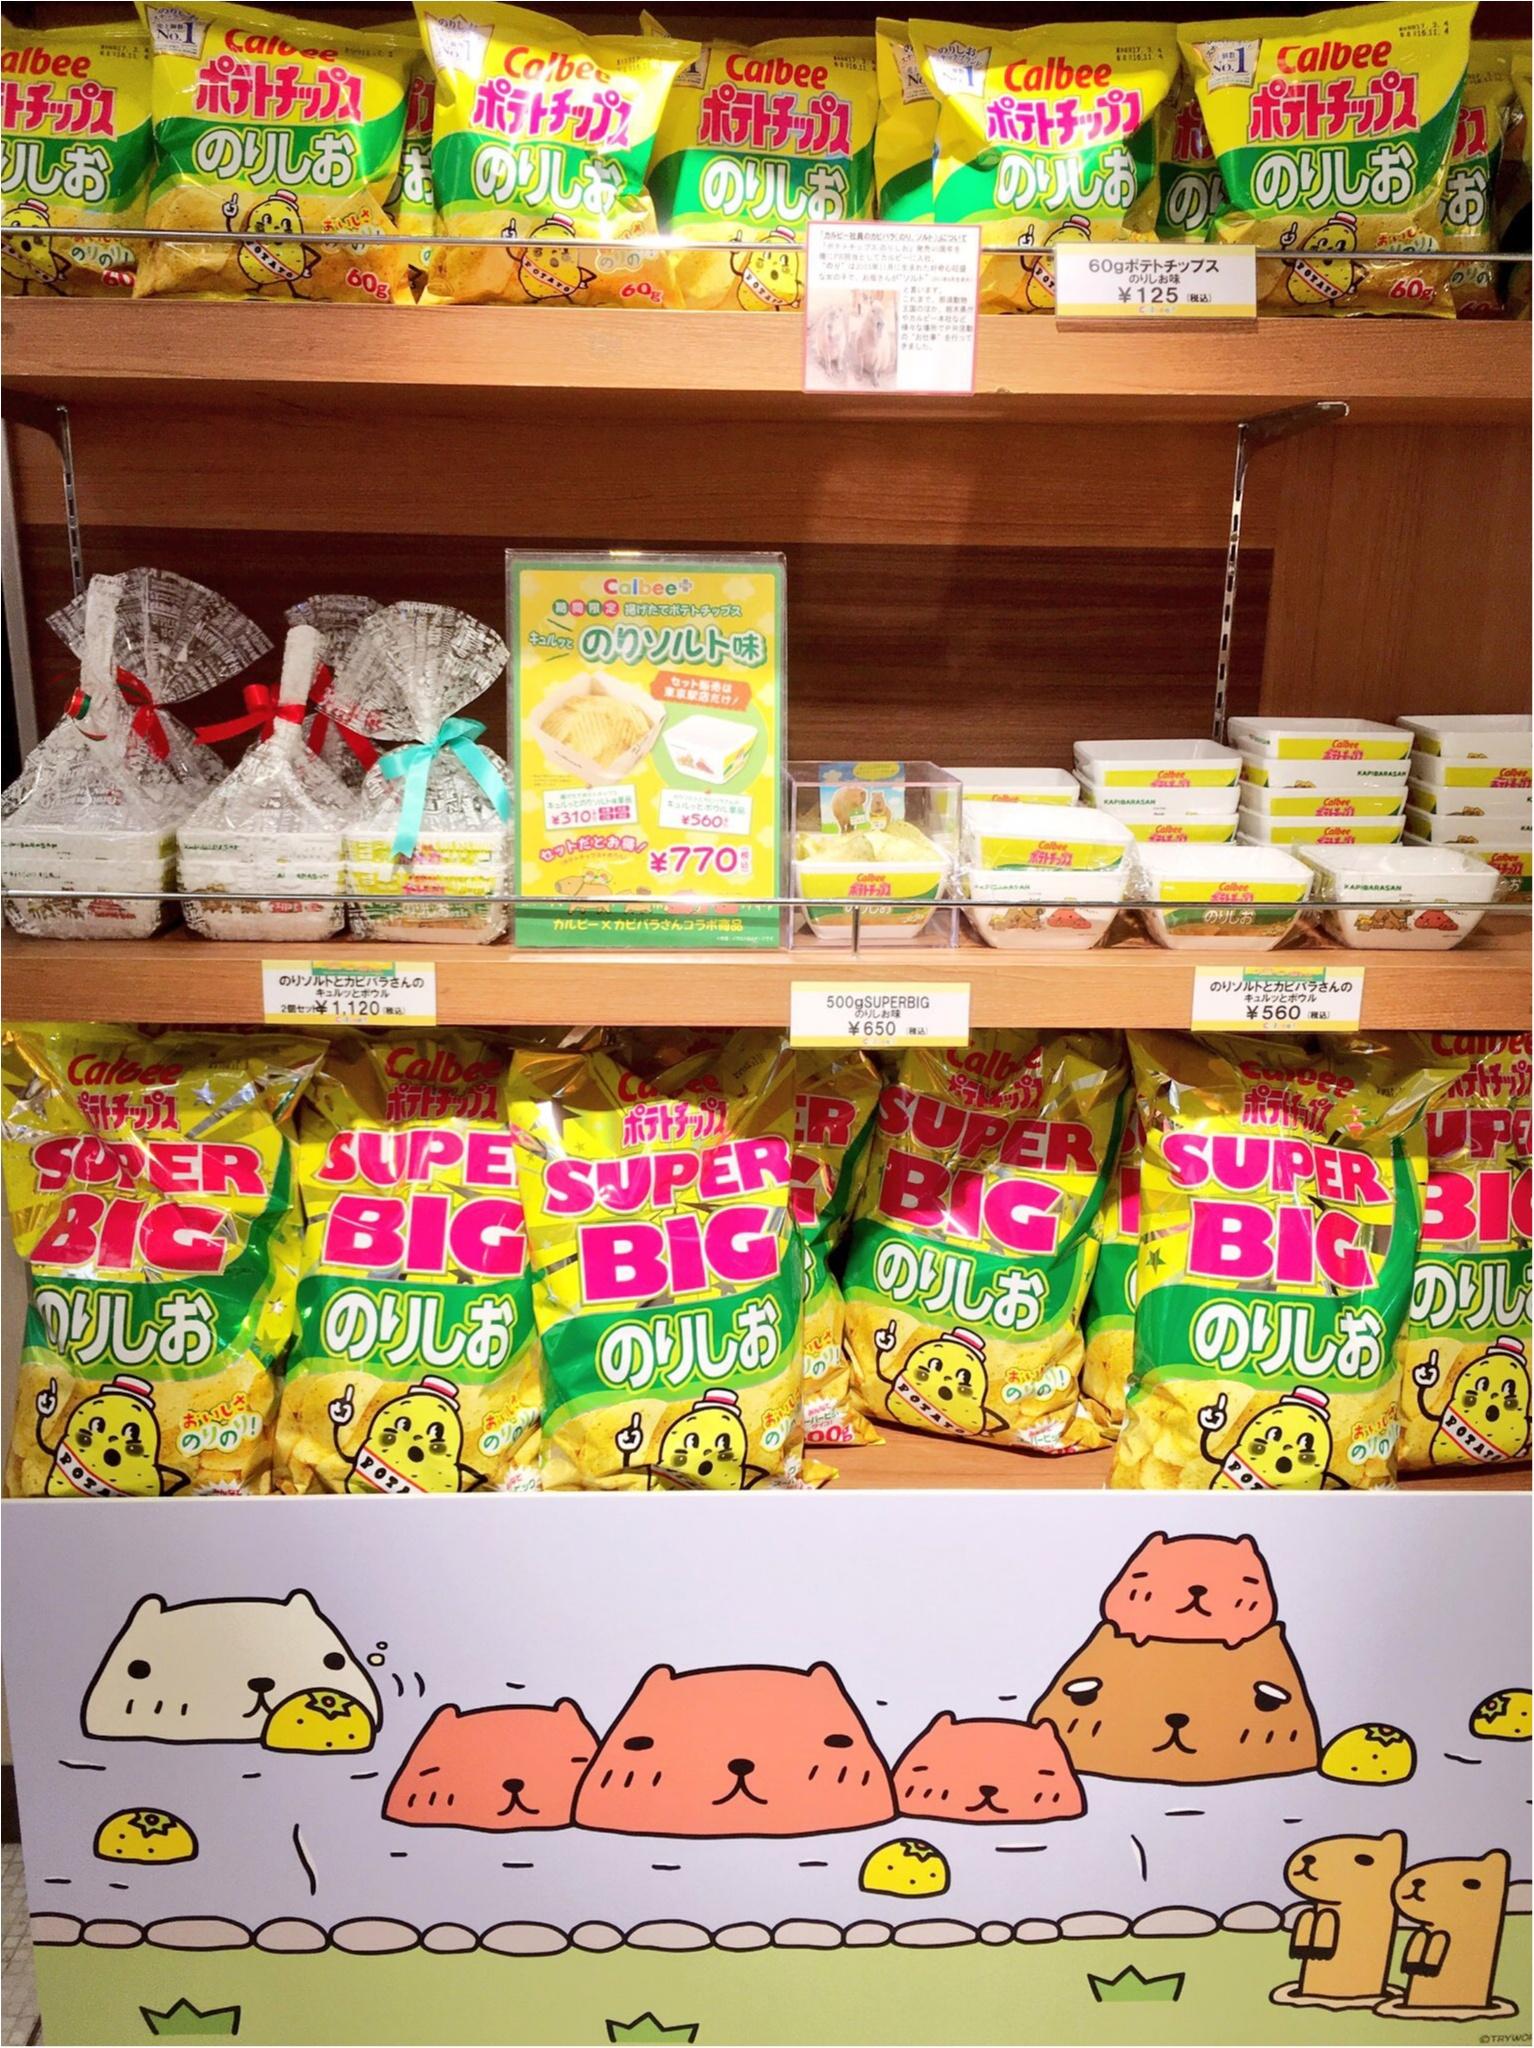 『カピバラさん×東京駅』作者チダケイコ先生サイン会&Calbeeプラスに行ってきました(*´ ˘ `*)♡_9